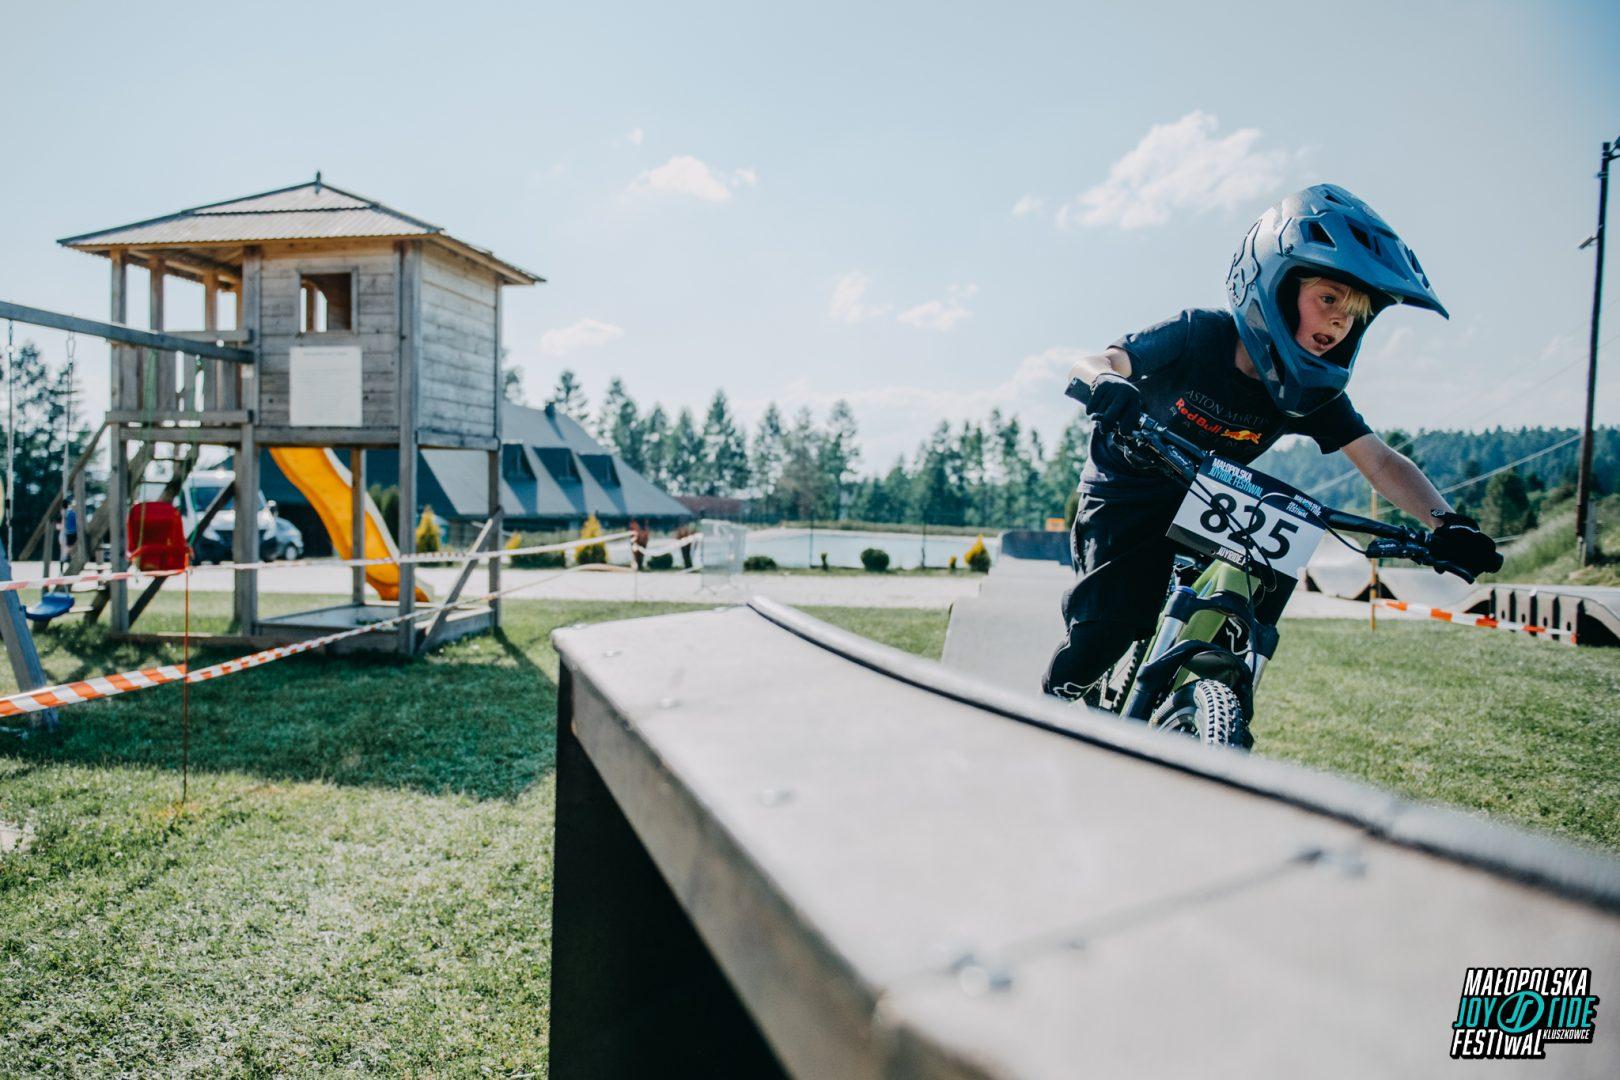 Piknik i Zawody Rowerowe Cyklokrakowianie już w najbliższą niedzielę!